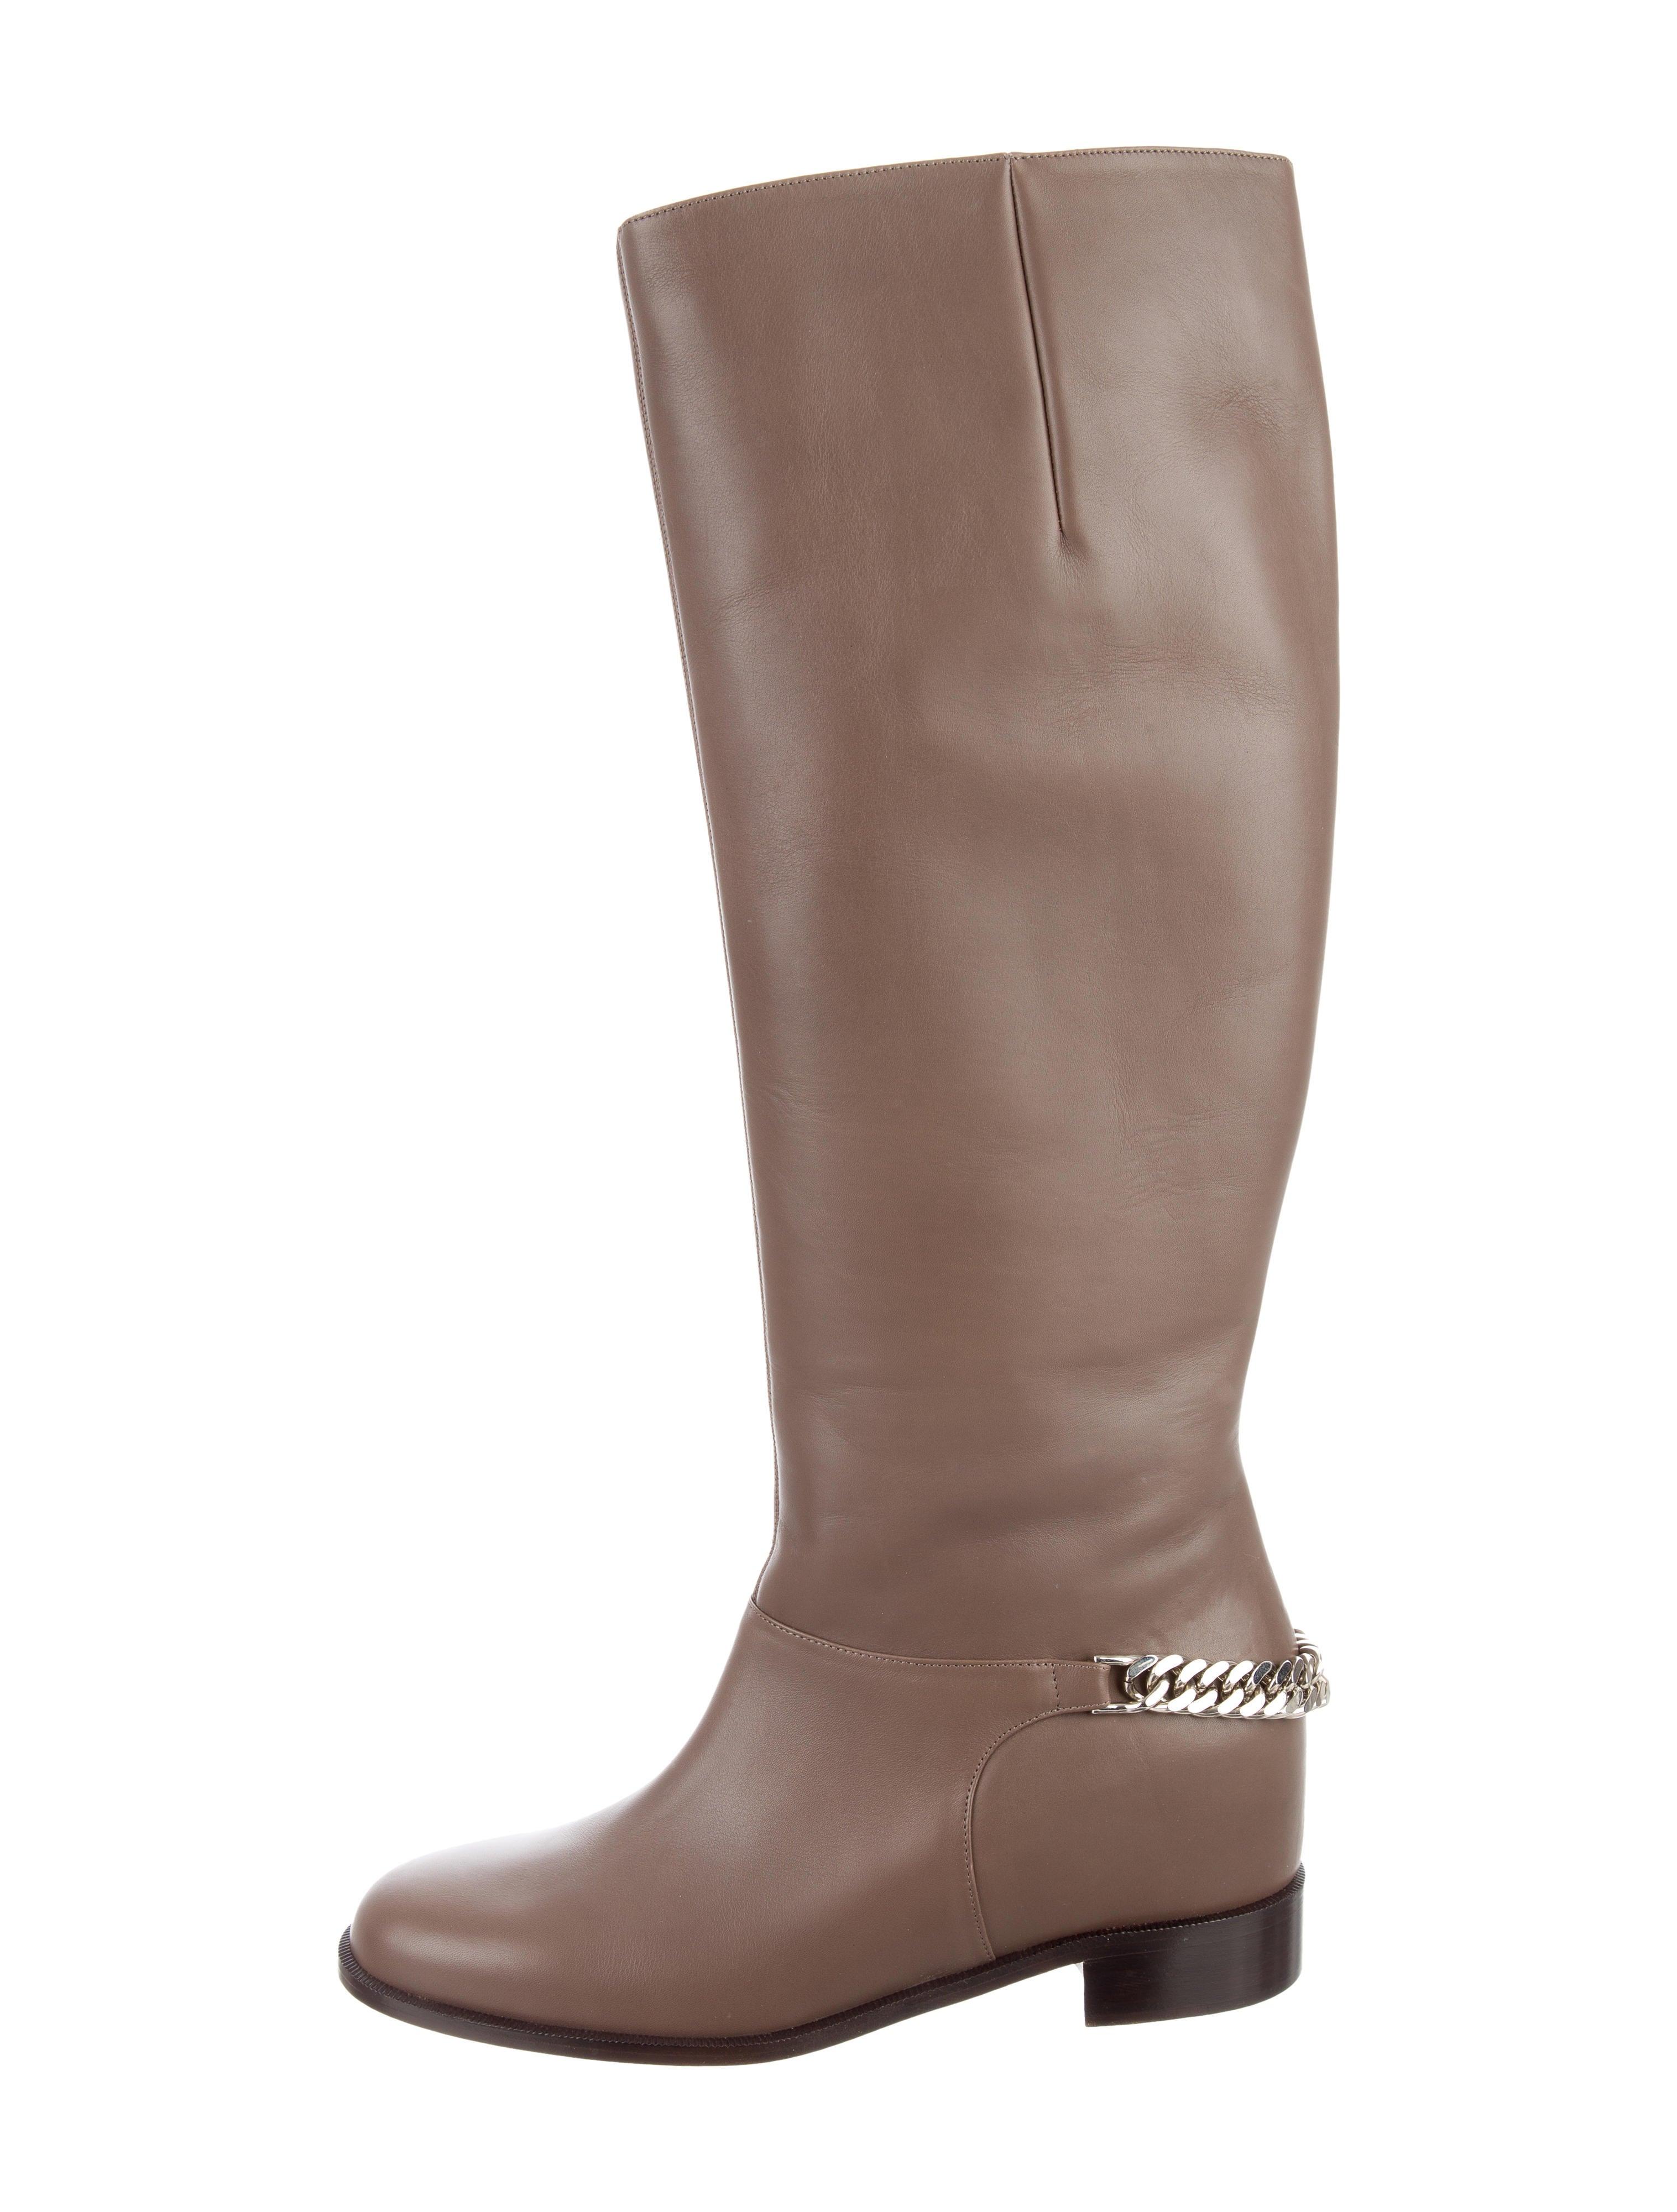 c1677b46ec8 Navy Men Versace Shoes | Santander Meteorology Group